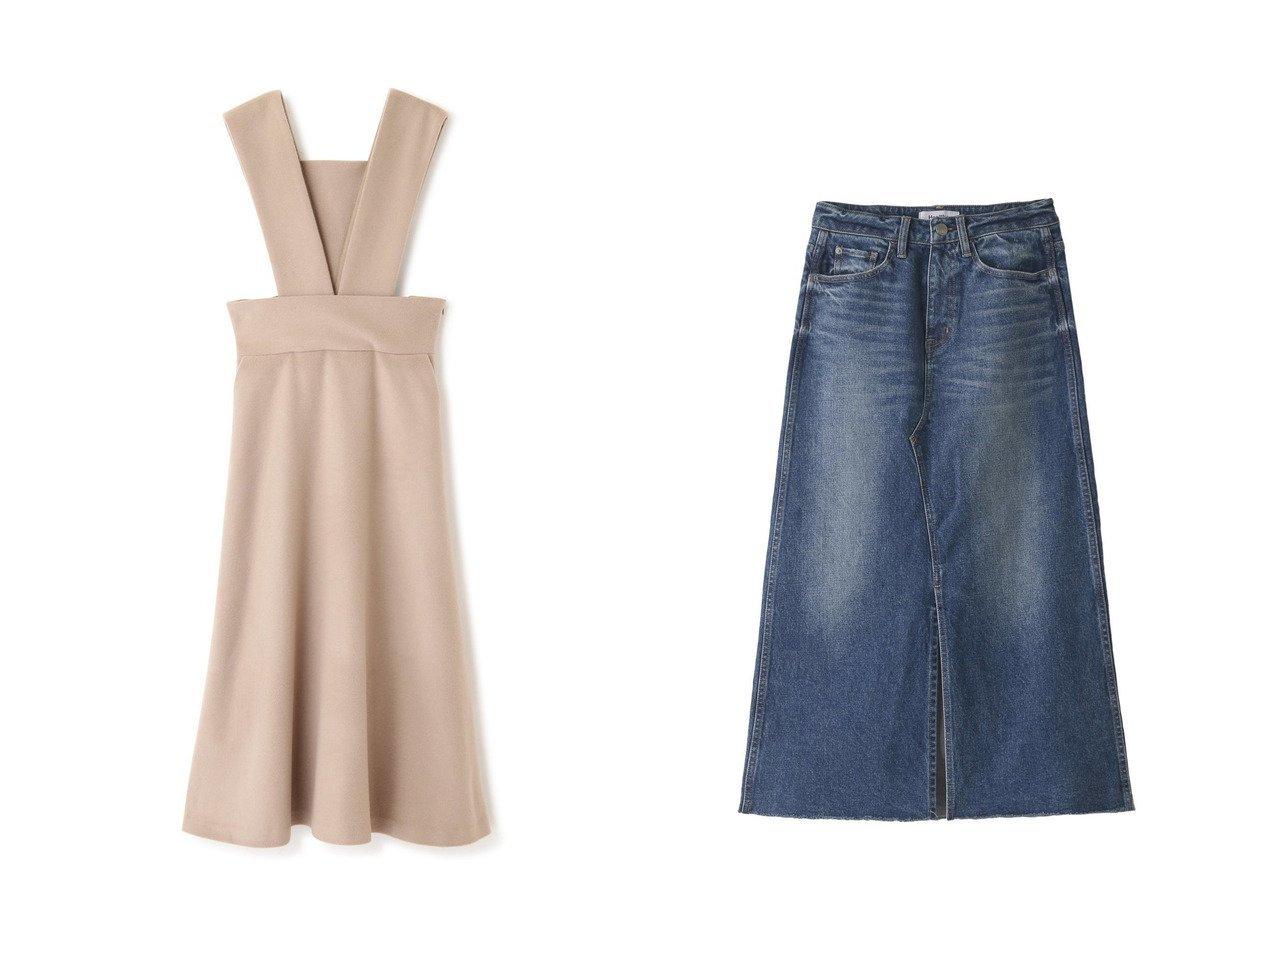 【ADORE/アドーア】の18マイクロンソフトメルトンジャンパースカート&【Healthy Denim/ヘルシーデニム】のPear リメイクスカート 【スカート】おすすめ!人気、トレンド・レディースファッションの通販 おすすめで人気の流行・トレンド、ファッションの通販商品 インテリア・家具・メンズファッション・キッズファッション・レディースファッション・服の通販 founy(ファニー) https://founy.com/ ファッション Fashion レディースファッション WOMEN スカート Skirt ロングスカート Long Skirt ショルダー ジャケット メルトン おすすめ Recommend デニム フレア ユーズド リメイク ロング |ID:crp329100000069608